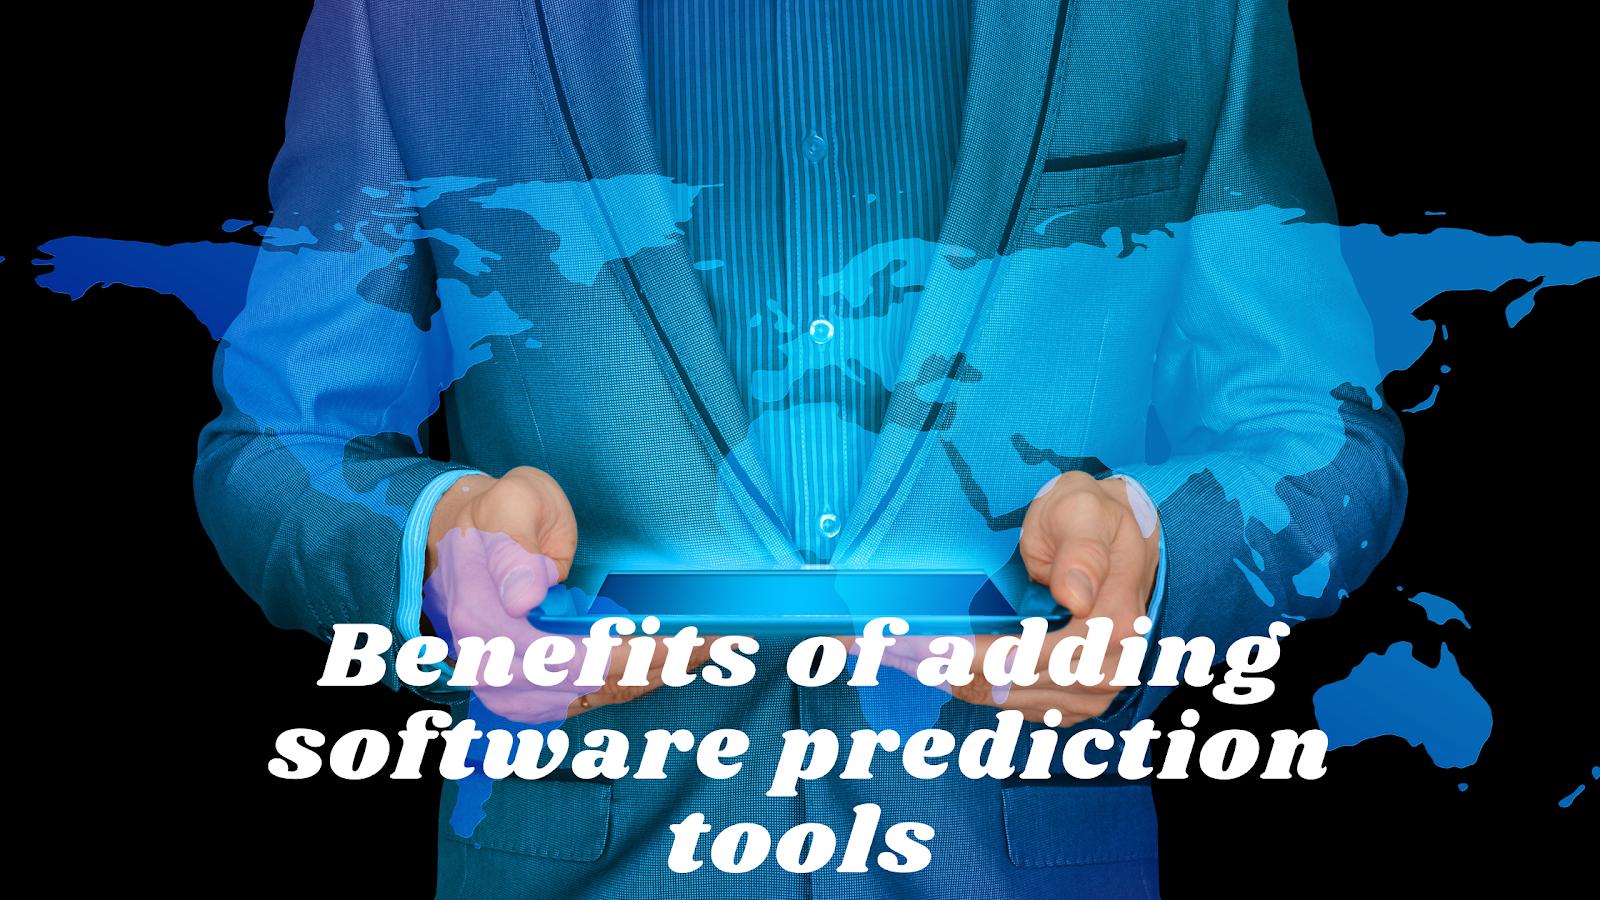 avantages de l'ajout d'outils de prédiction logiciels